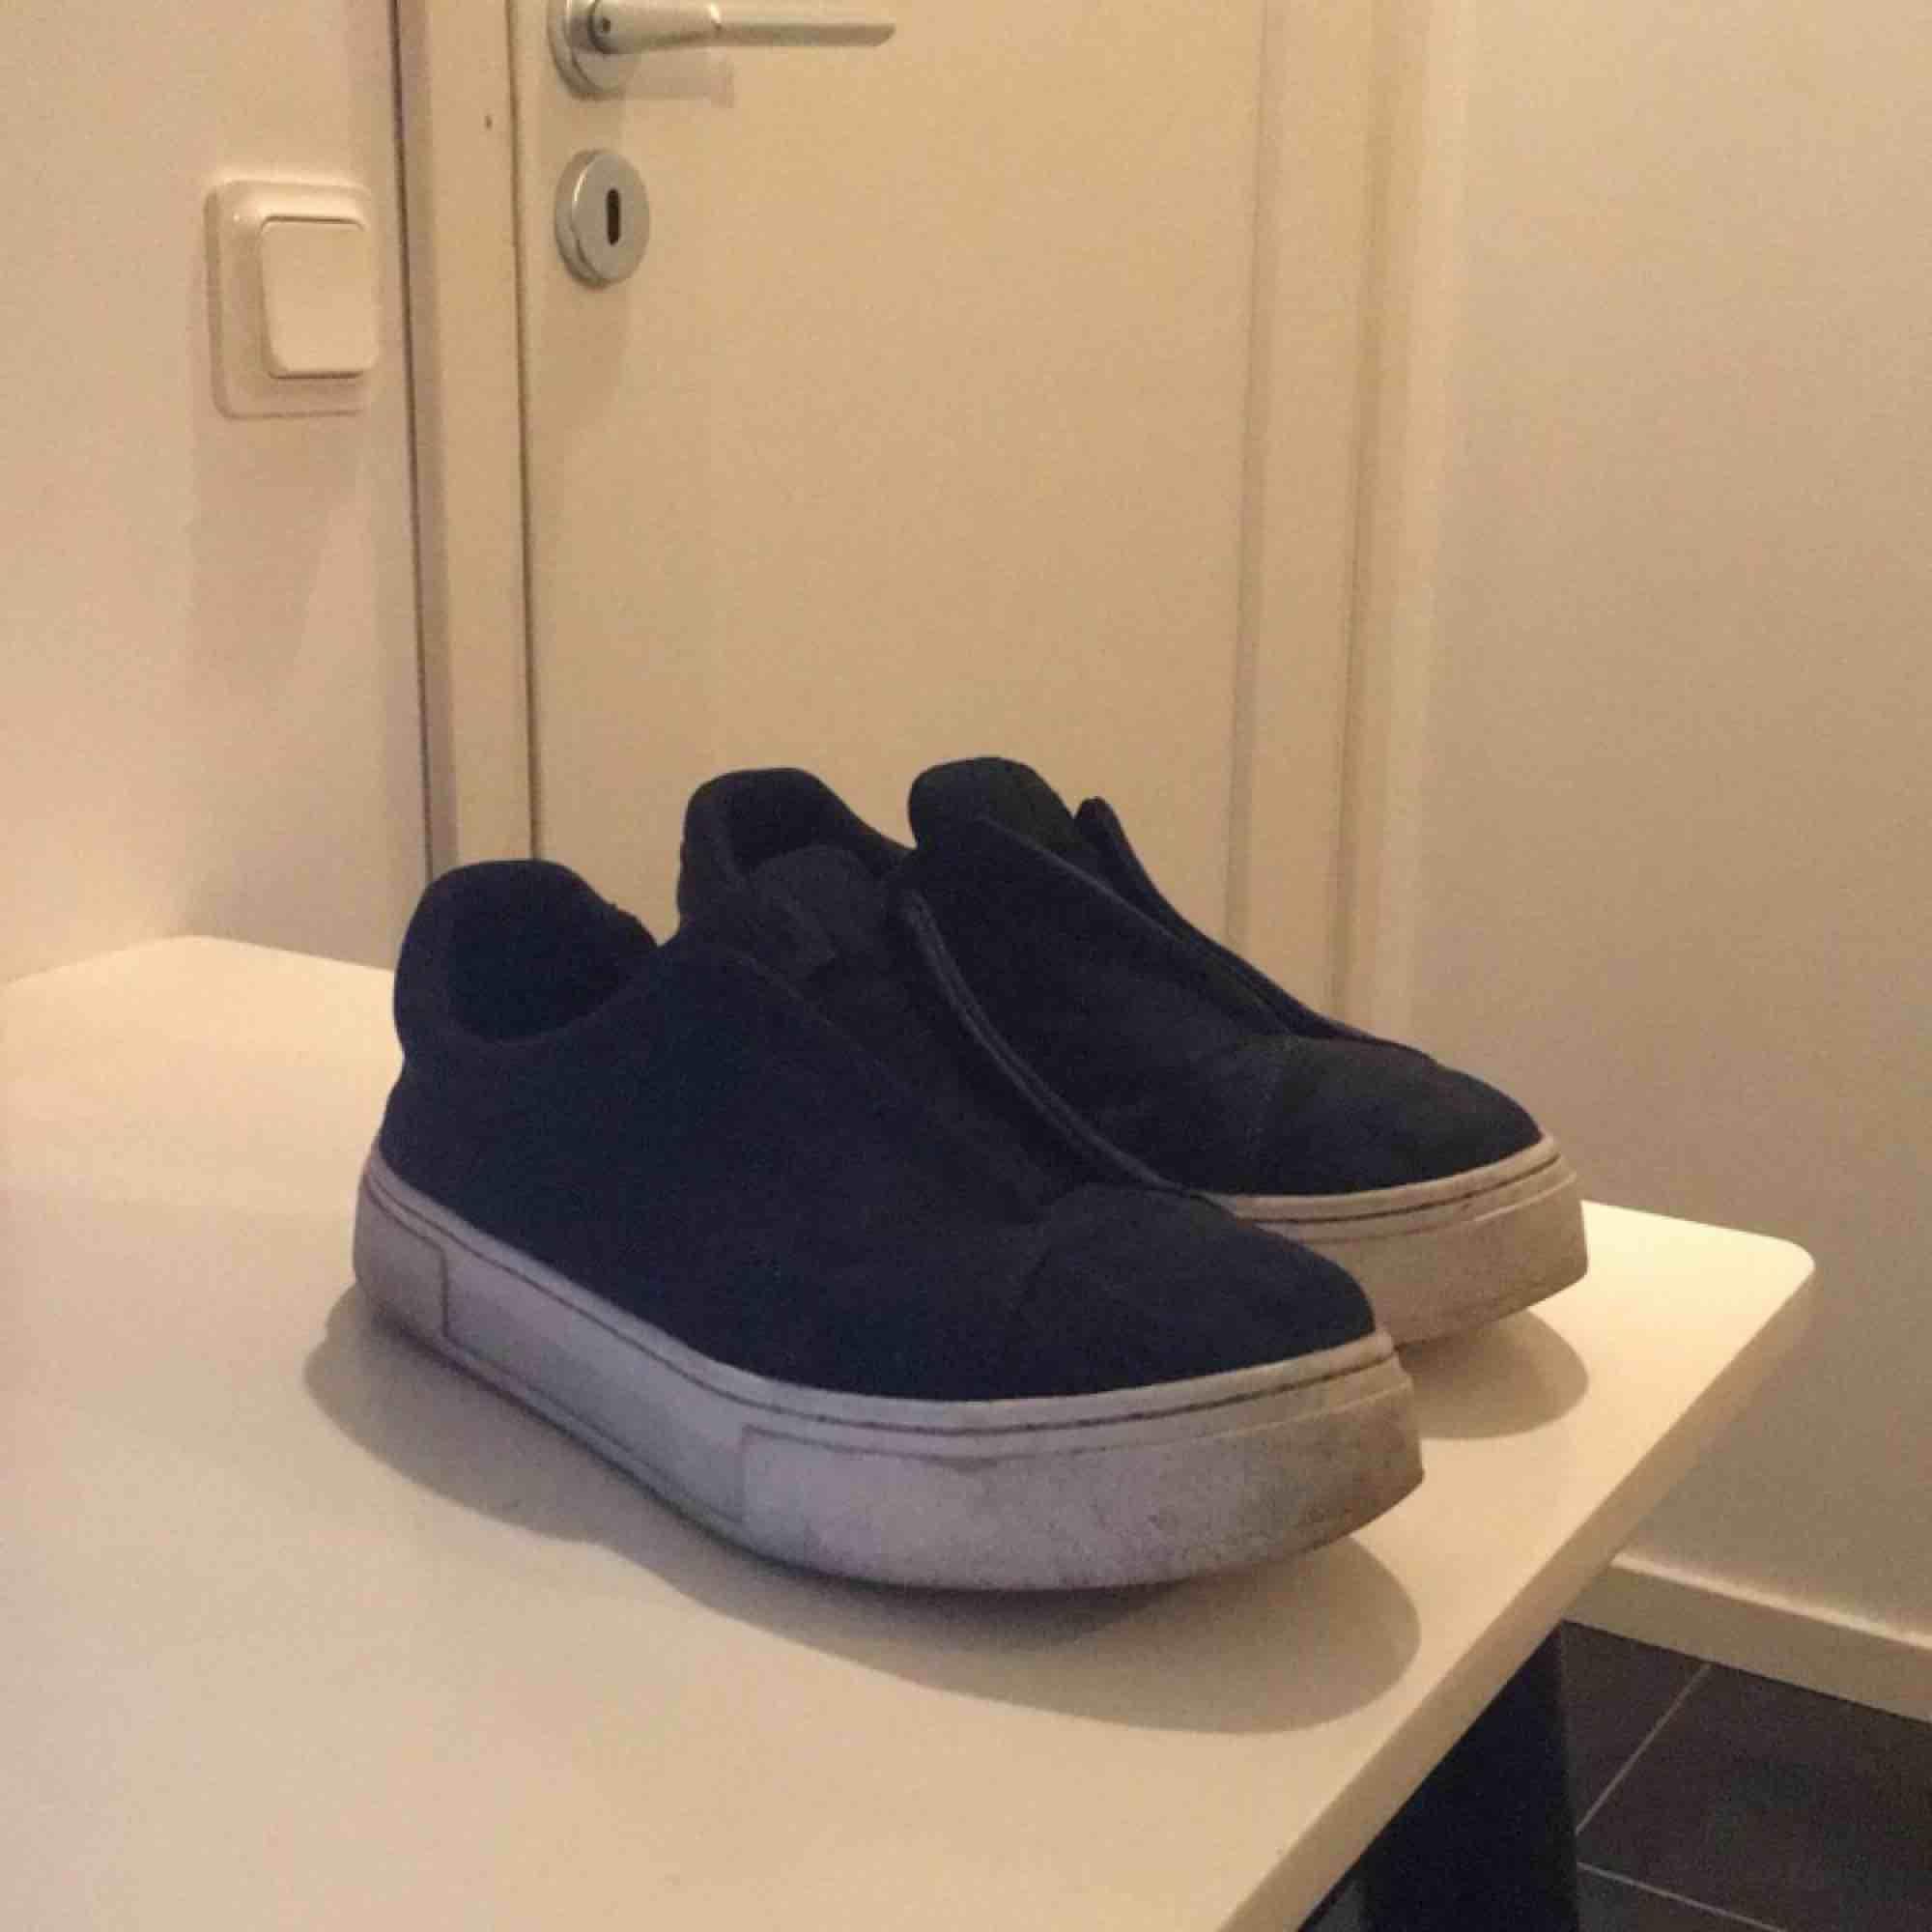 Eytys doja i storlek 42 men stor i storlek passar 43, är i bra skick bara lite smutsiga. Priset går såklart att diskutera och den som köper står för eventuell frakt. Om annonsen är kvar så är skorna kvar!!. Skor.